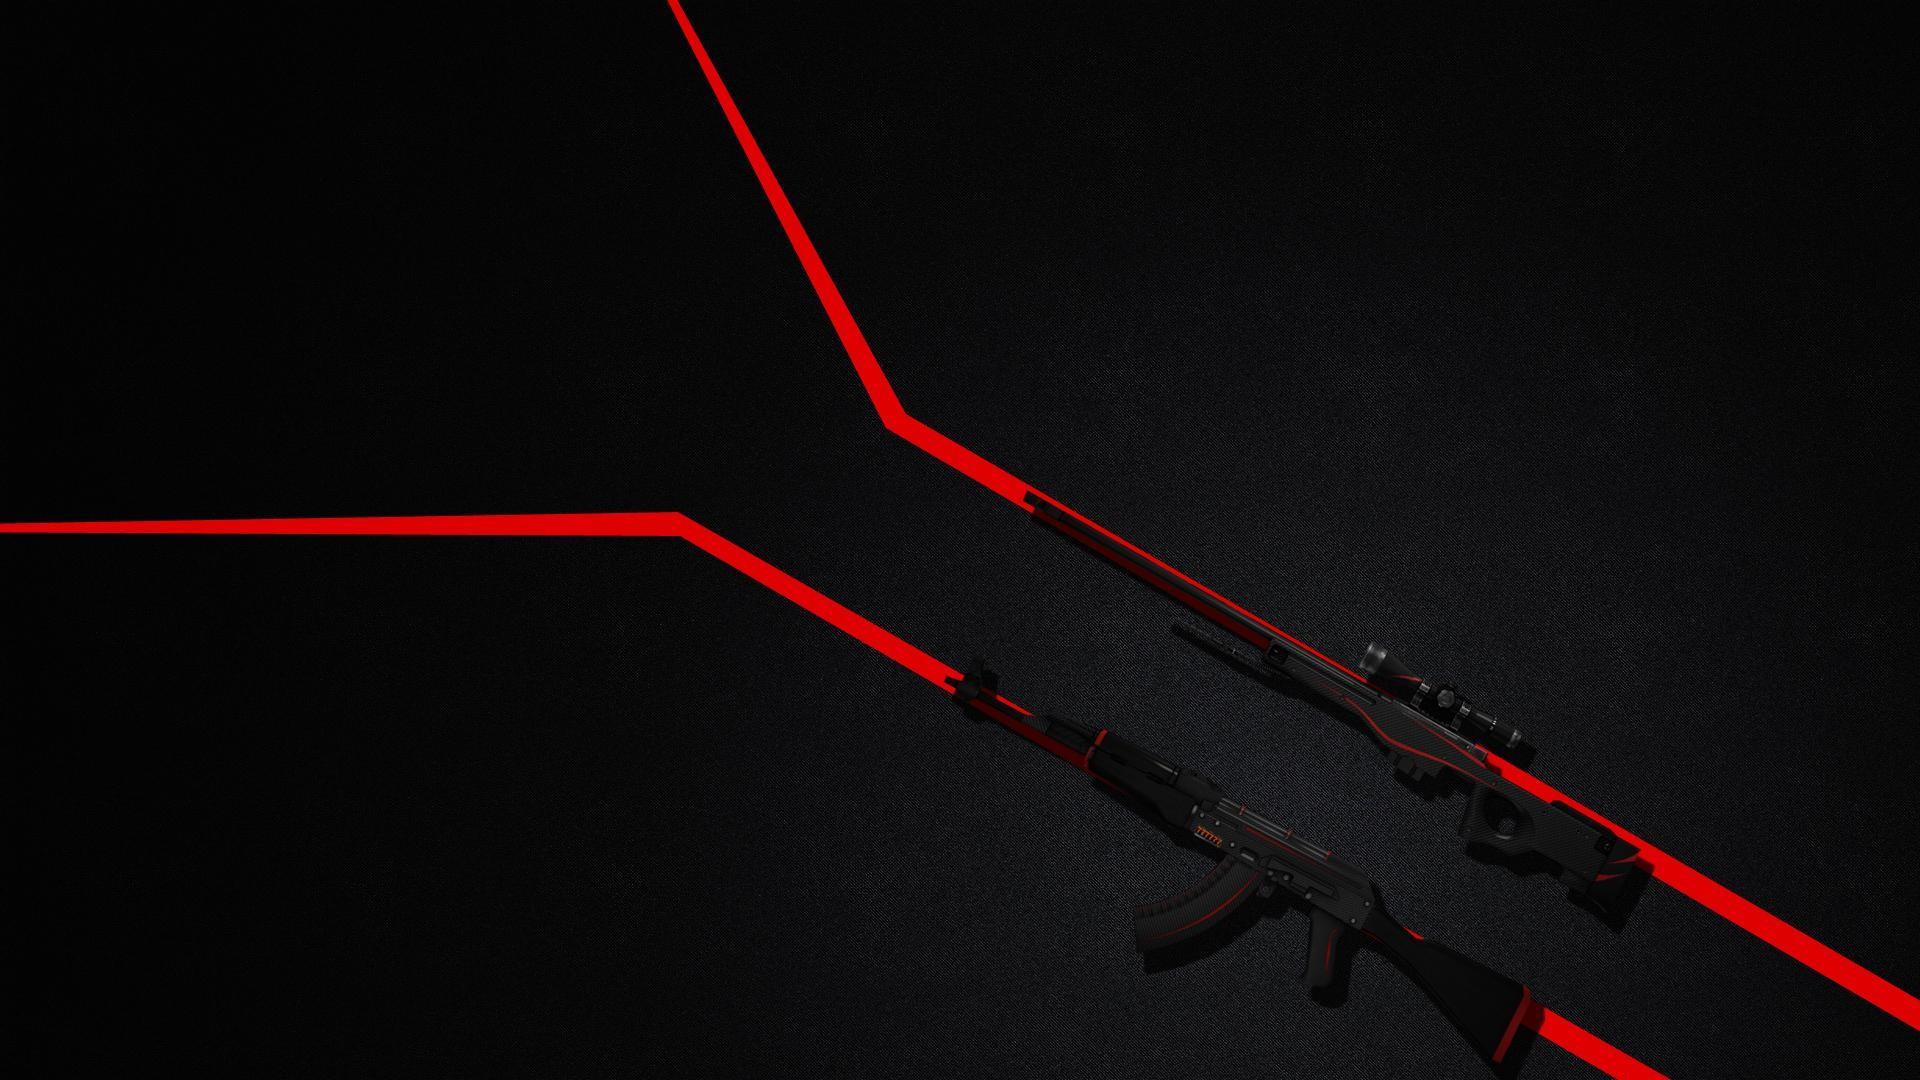 AK47 AWP Redline Wallpaper